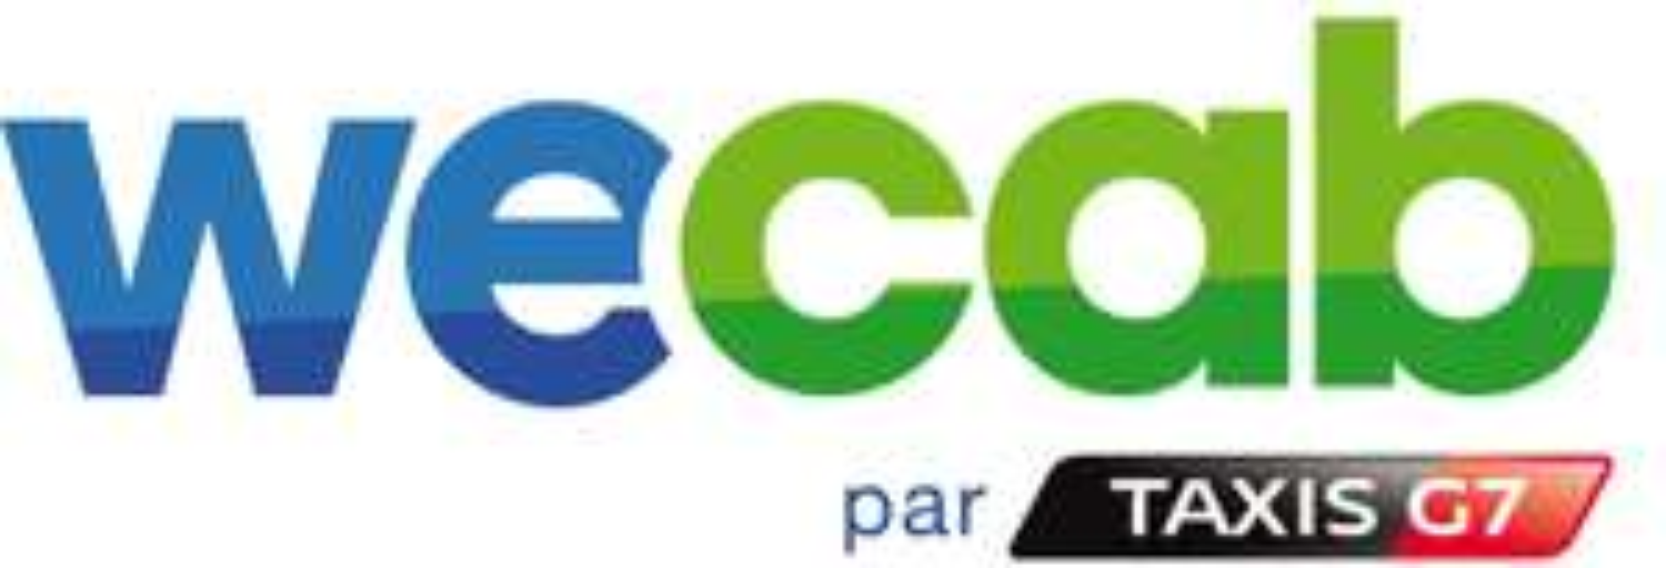 Trajet en taxi Paris Intramuros vers une des gares parisiennes